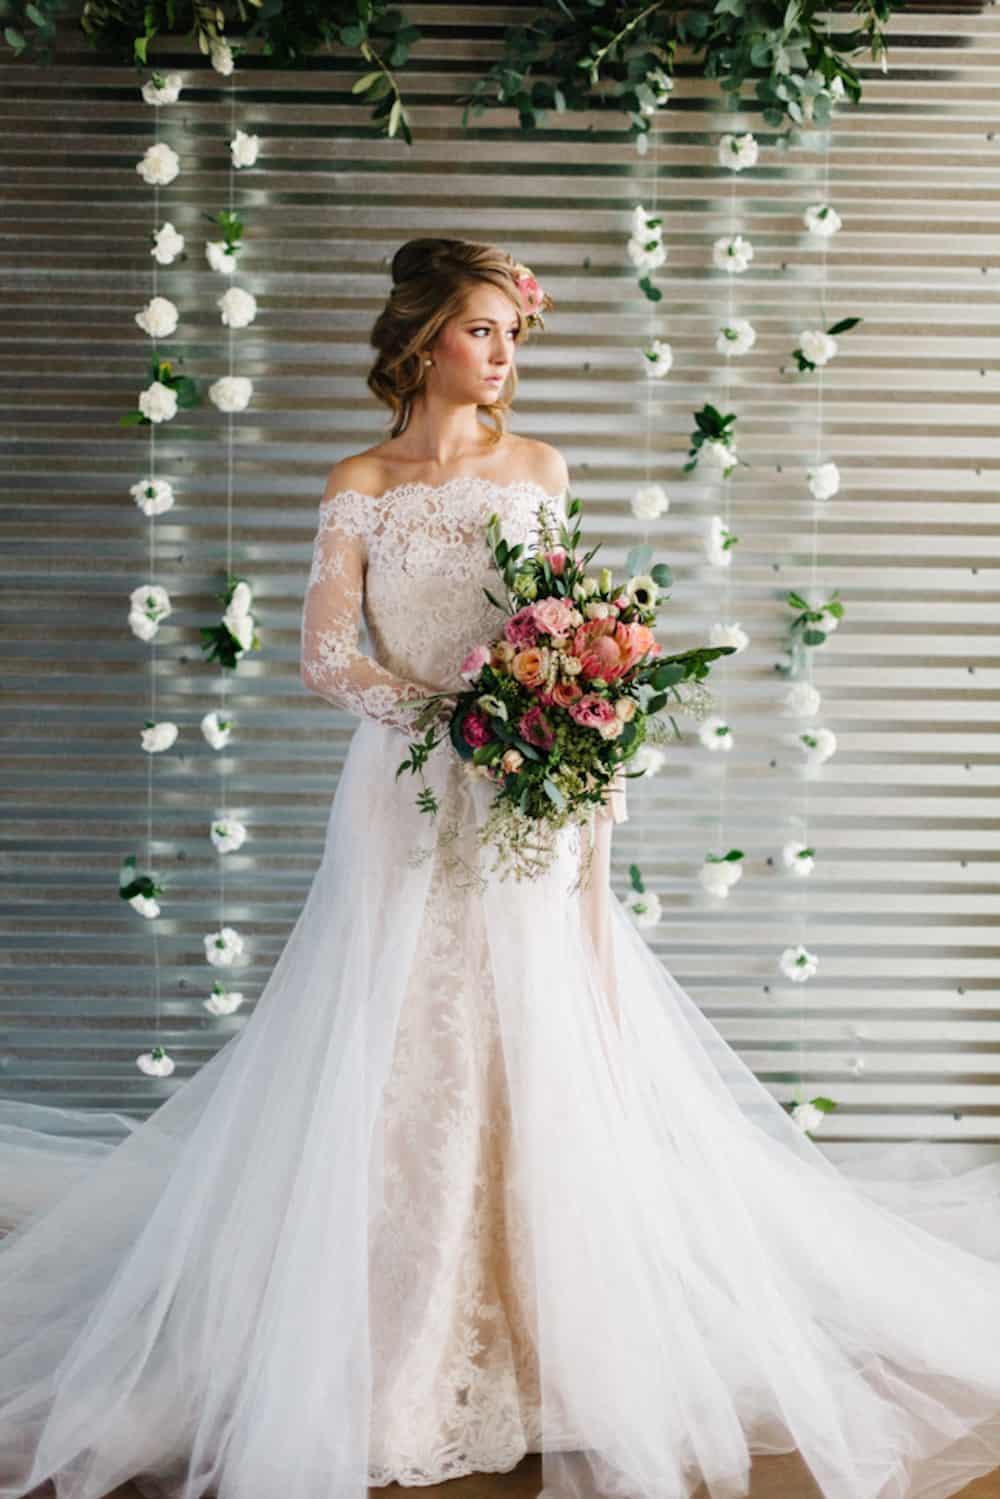 11 Emily Sacco Fine Art Colorado Wedding Photographer-107